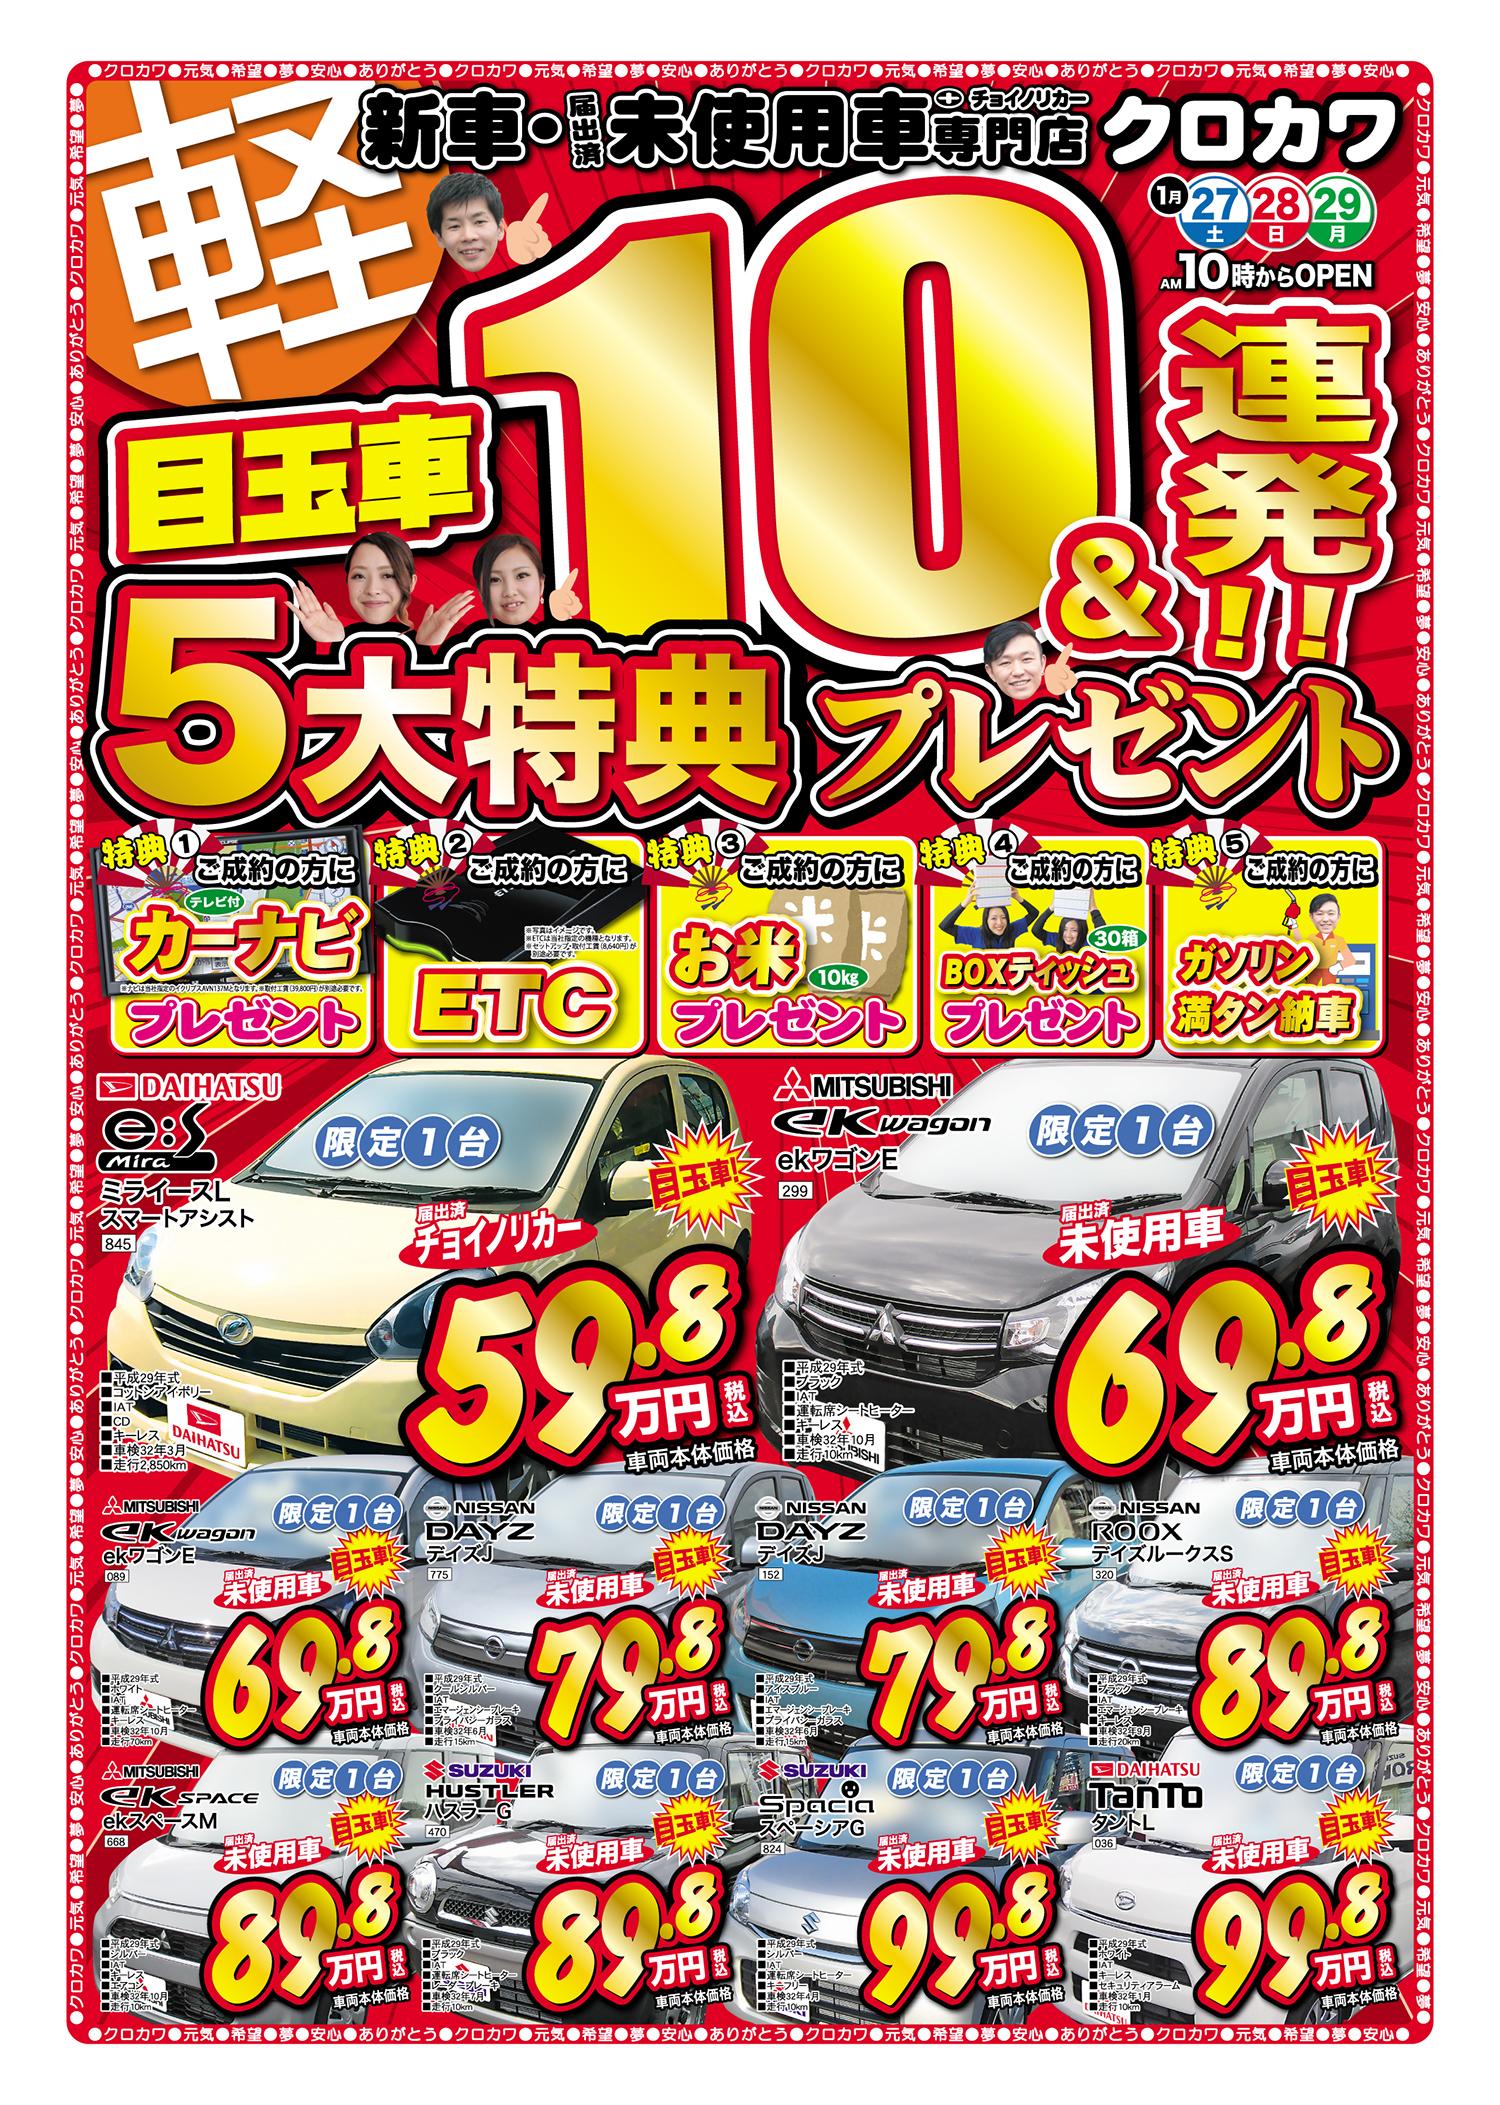 目玉車10連発&5大特典プレゼント!